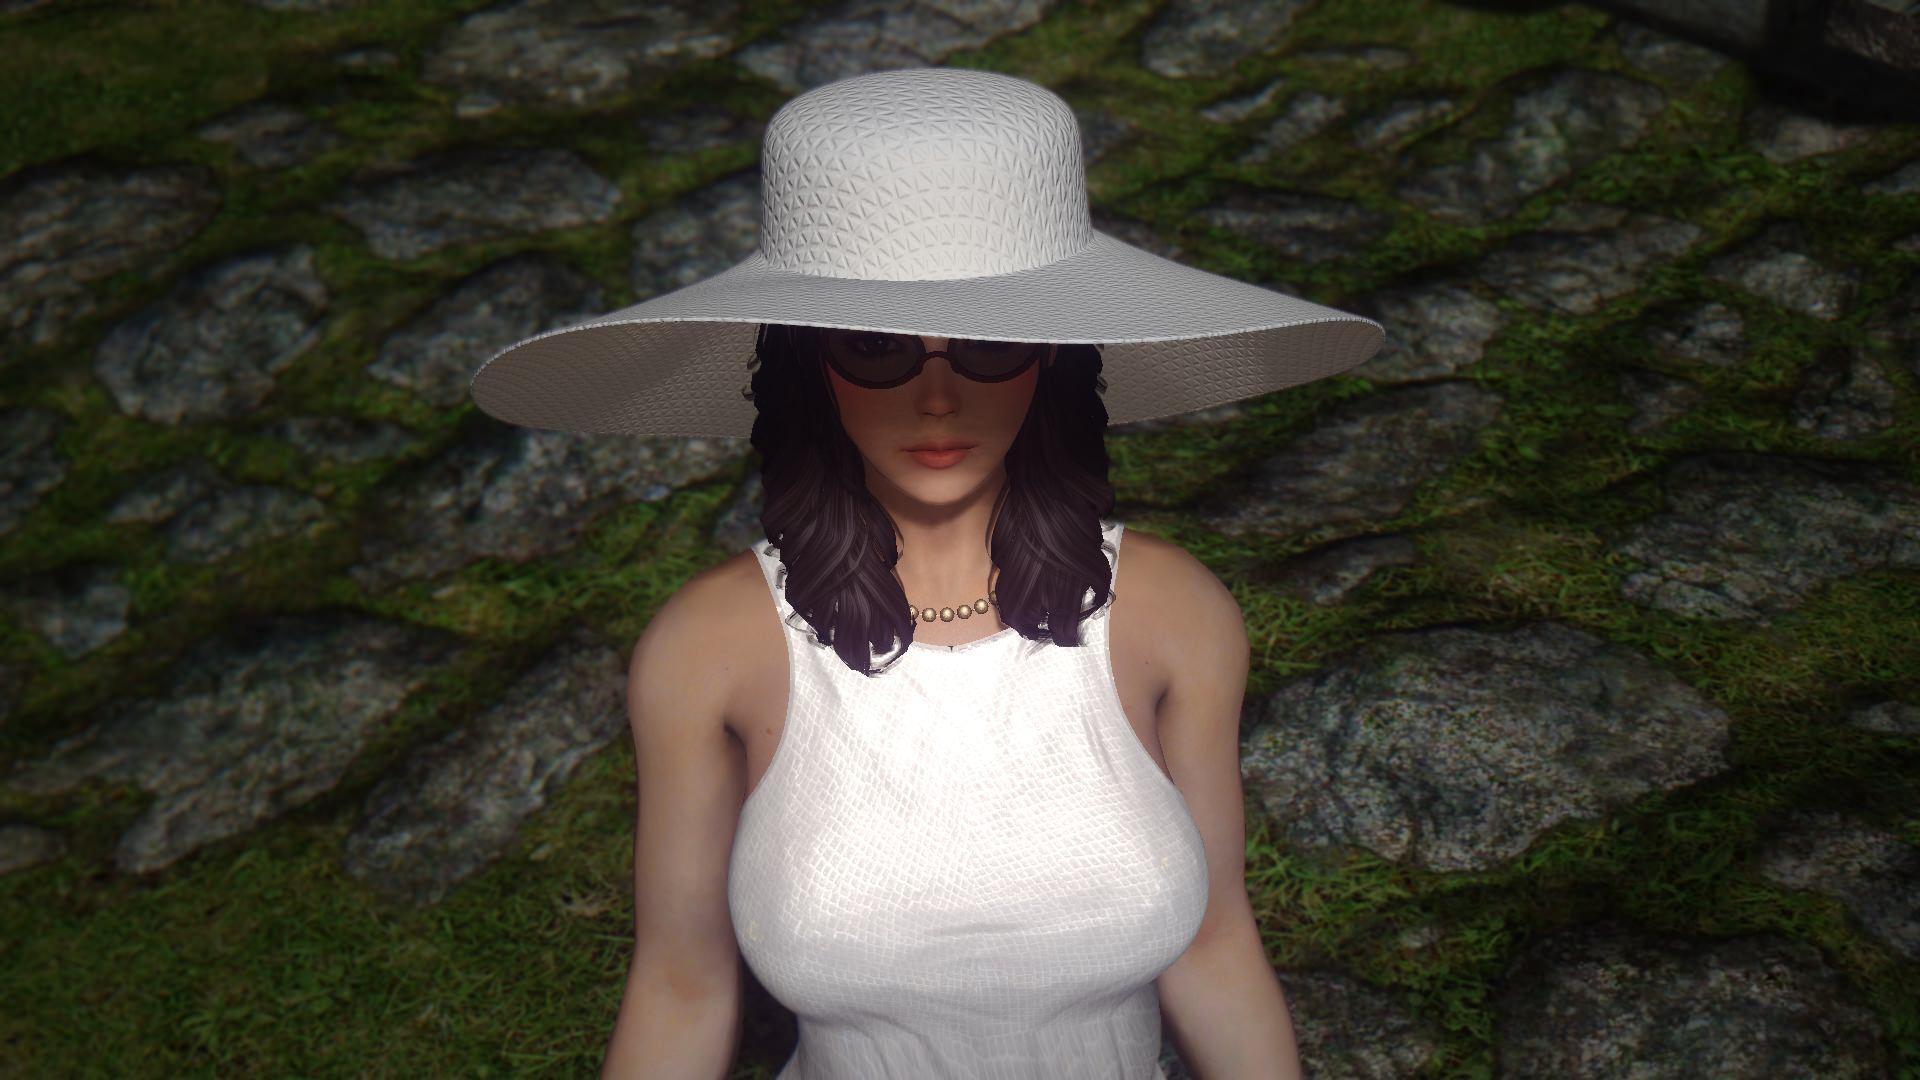 FG_Summer_Dress_UNPB_1.jpg